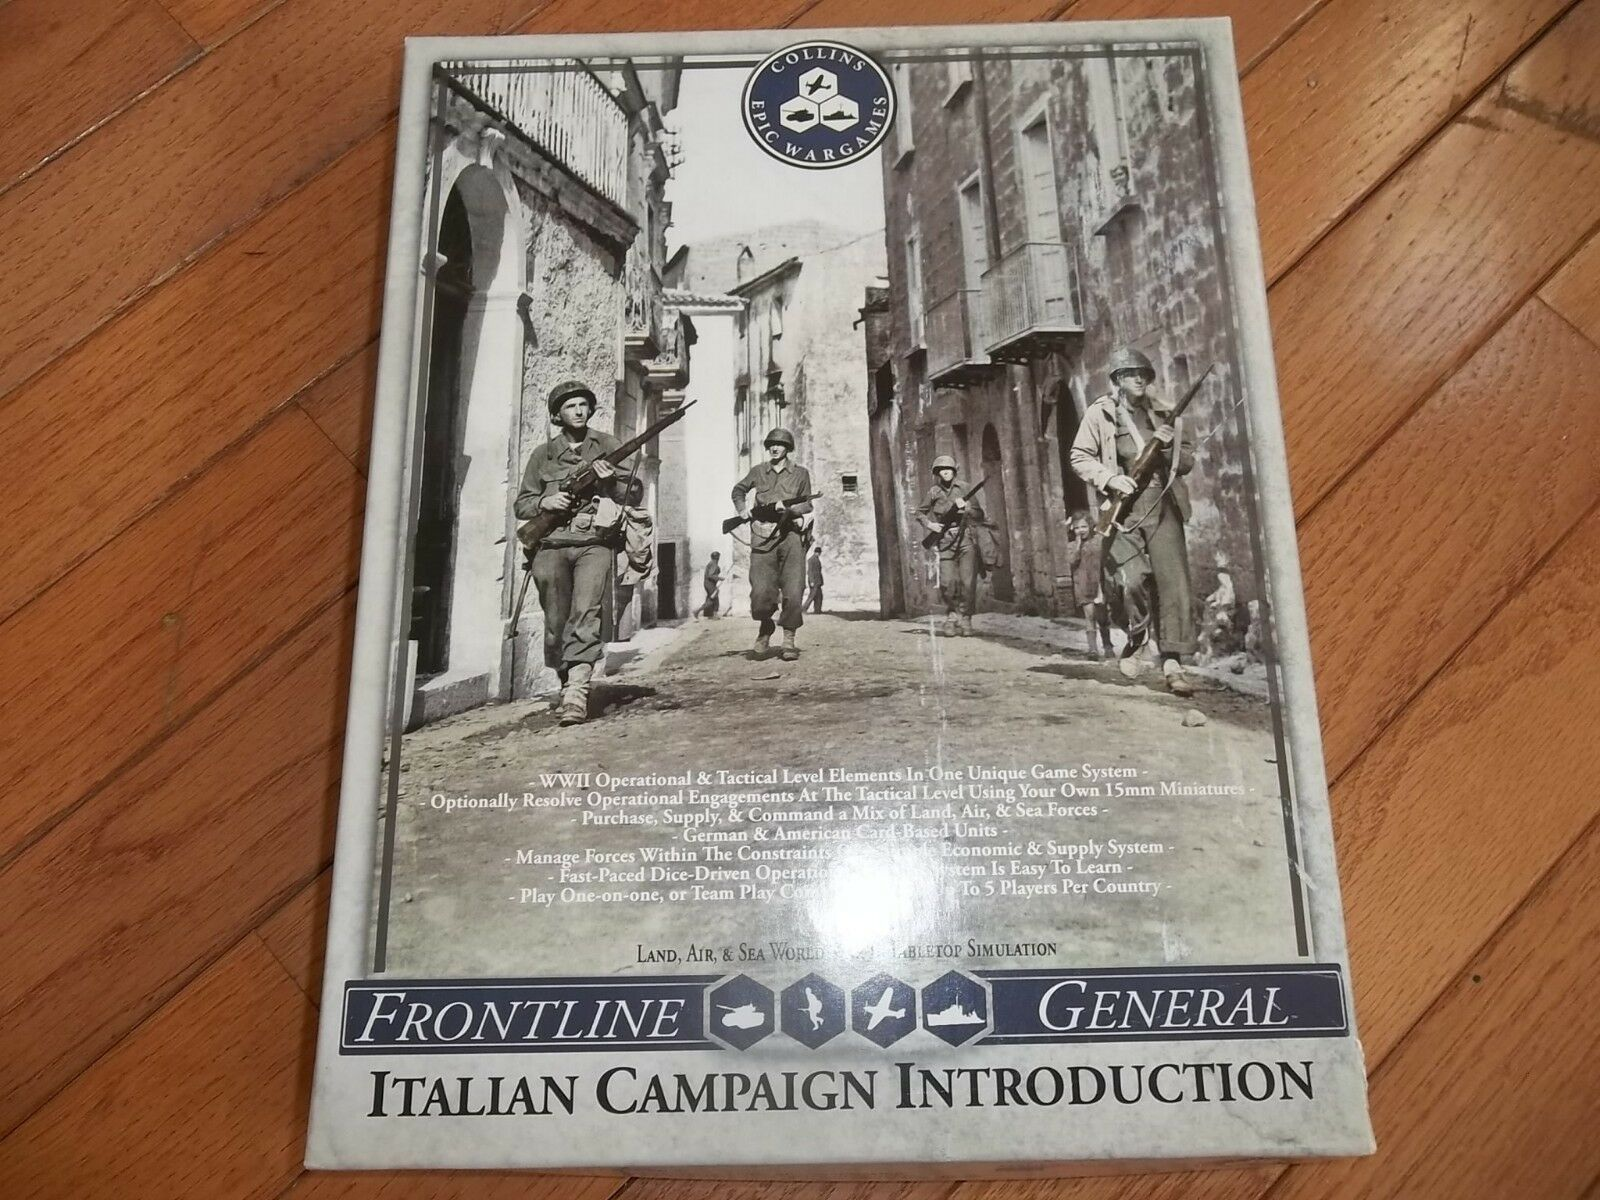 Collins campaña épica Wargames Frontline general italiano introducción